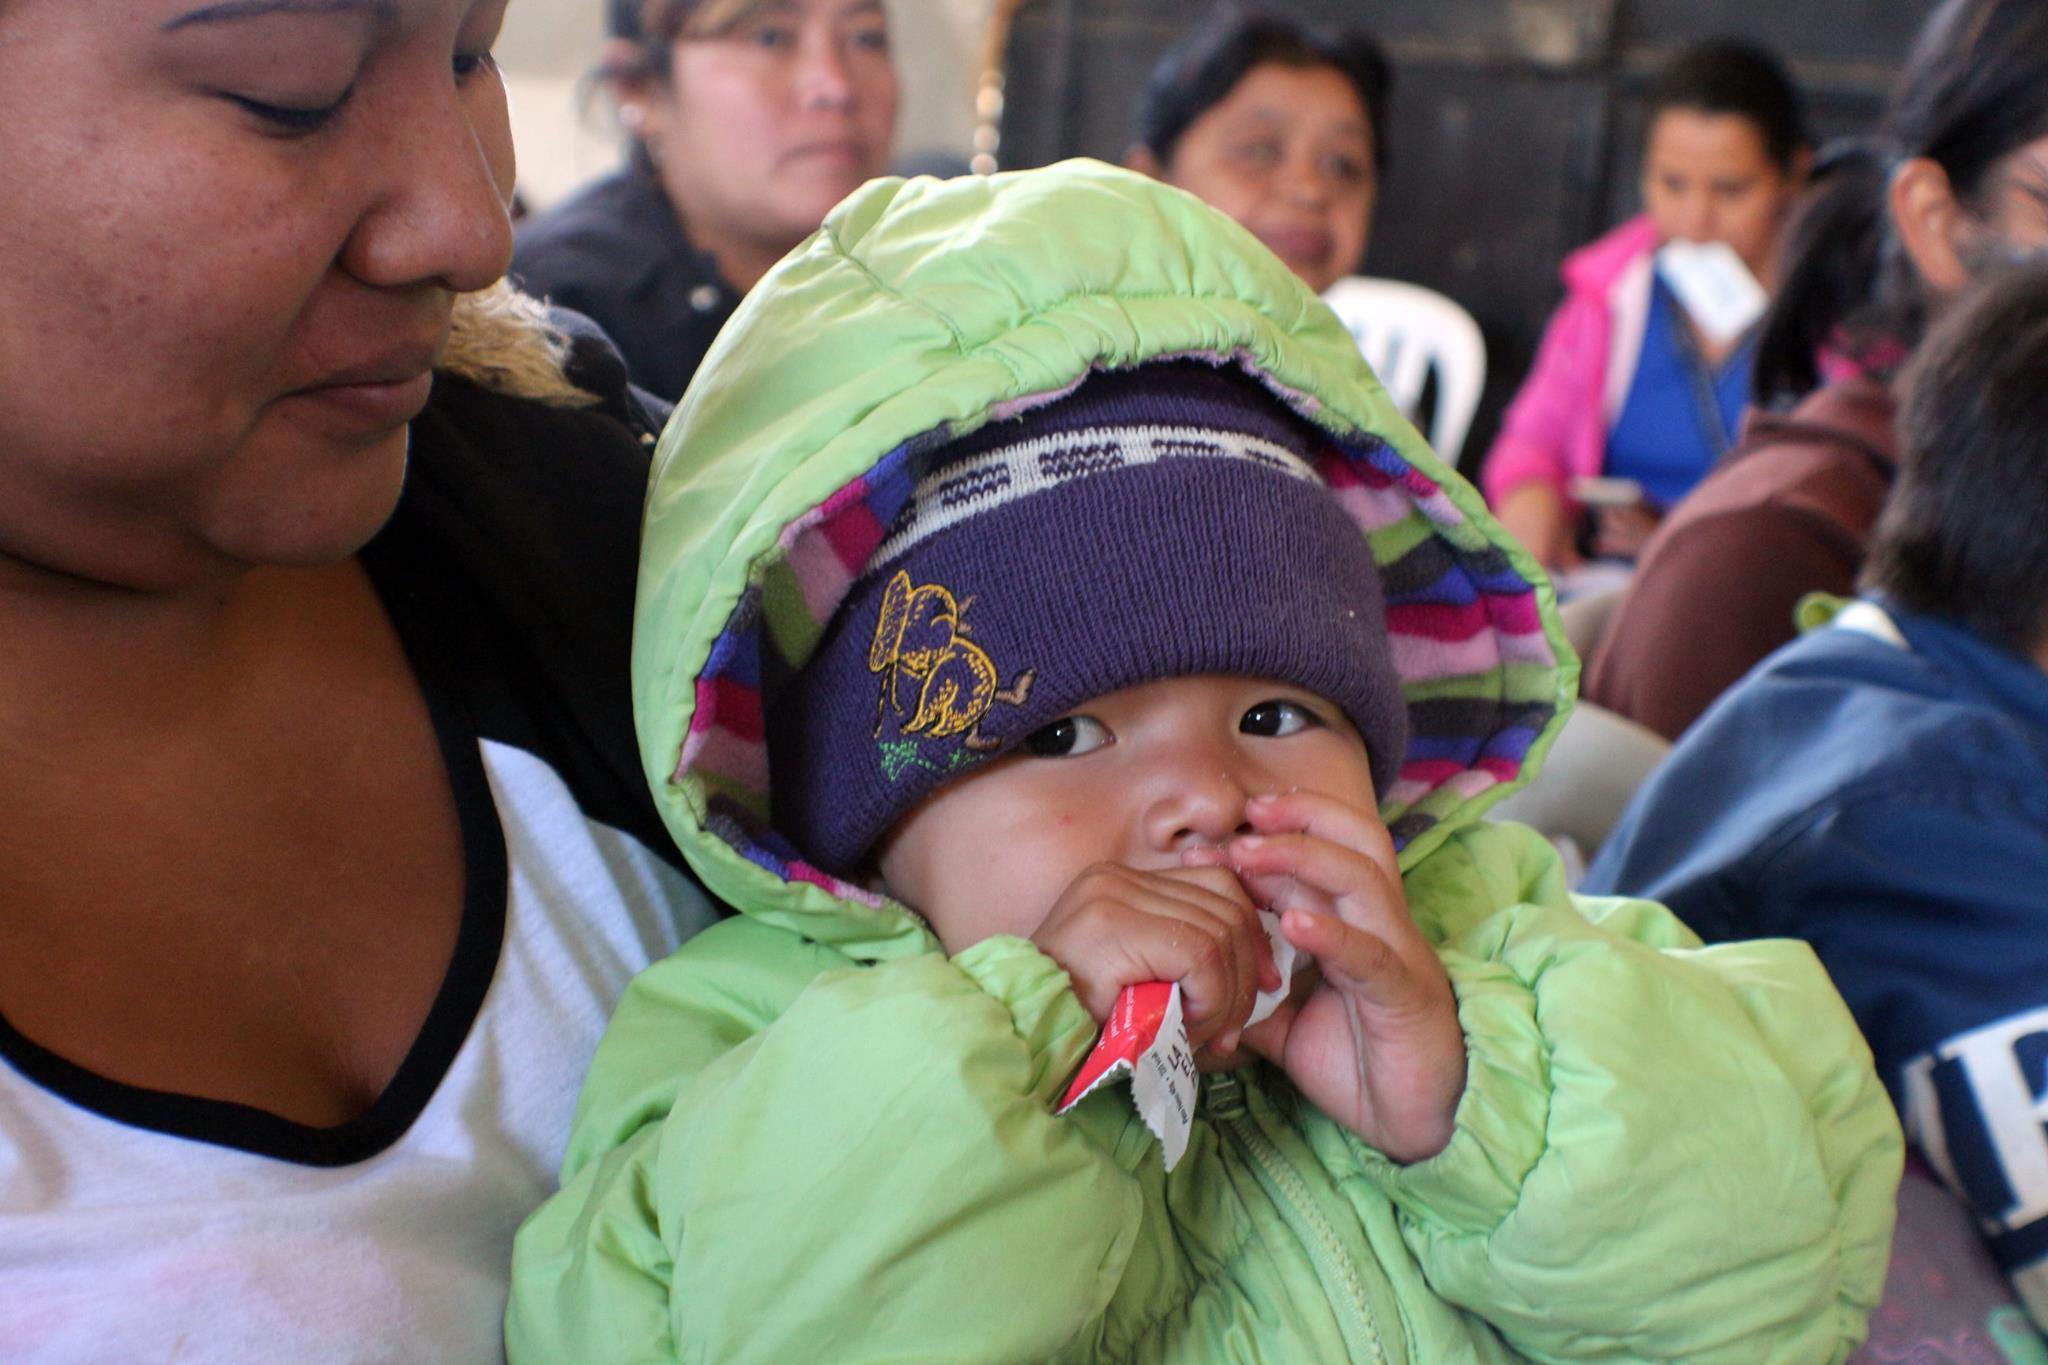 Una mejor nutrición cambia vidas y economías enteras - Una ingesta saludable de vitaminas y minerales, idealmente a través de una dieta balanceada, es esencial para que l@s niñ@s pequeñ@s desarrollen sus capacidades cognitivas, físicas y sociales.En Guatemala, 1 de cada 2 niñ@s menores de cinco años no recibe estas vitaminas y minerales esenciales. Entre l@s niñ@s indígen@s, es de 8 de cada 10.L@s niñ@s pequeñ@s que no reciben los micronutrientes esenciales se atrofian en su crecimiento y se ven condenad@s a una vida de bajo rendimiento: primero, menor desempeño en la escuela; luego, menor productividad y salarios; más problemas de salud a lo largo de la vida; y un mayor riesgo de enfermedades crónicas como la diabetes y las enfermedades cardíacas. Esto convierte a la desnutrición crónica infantil en una emergencia.